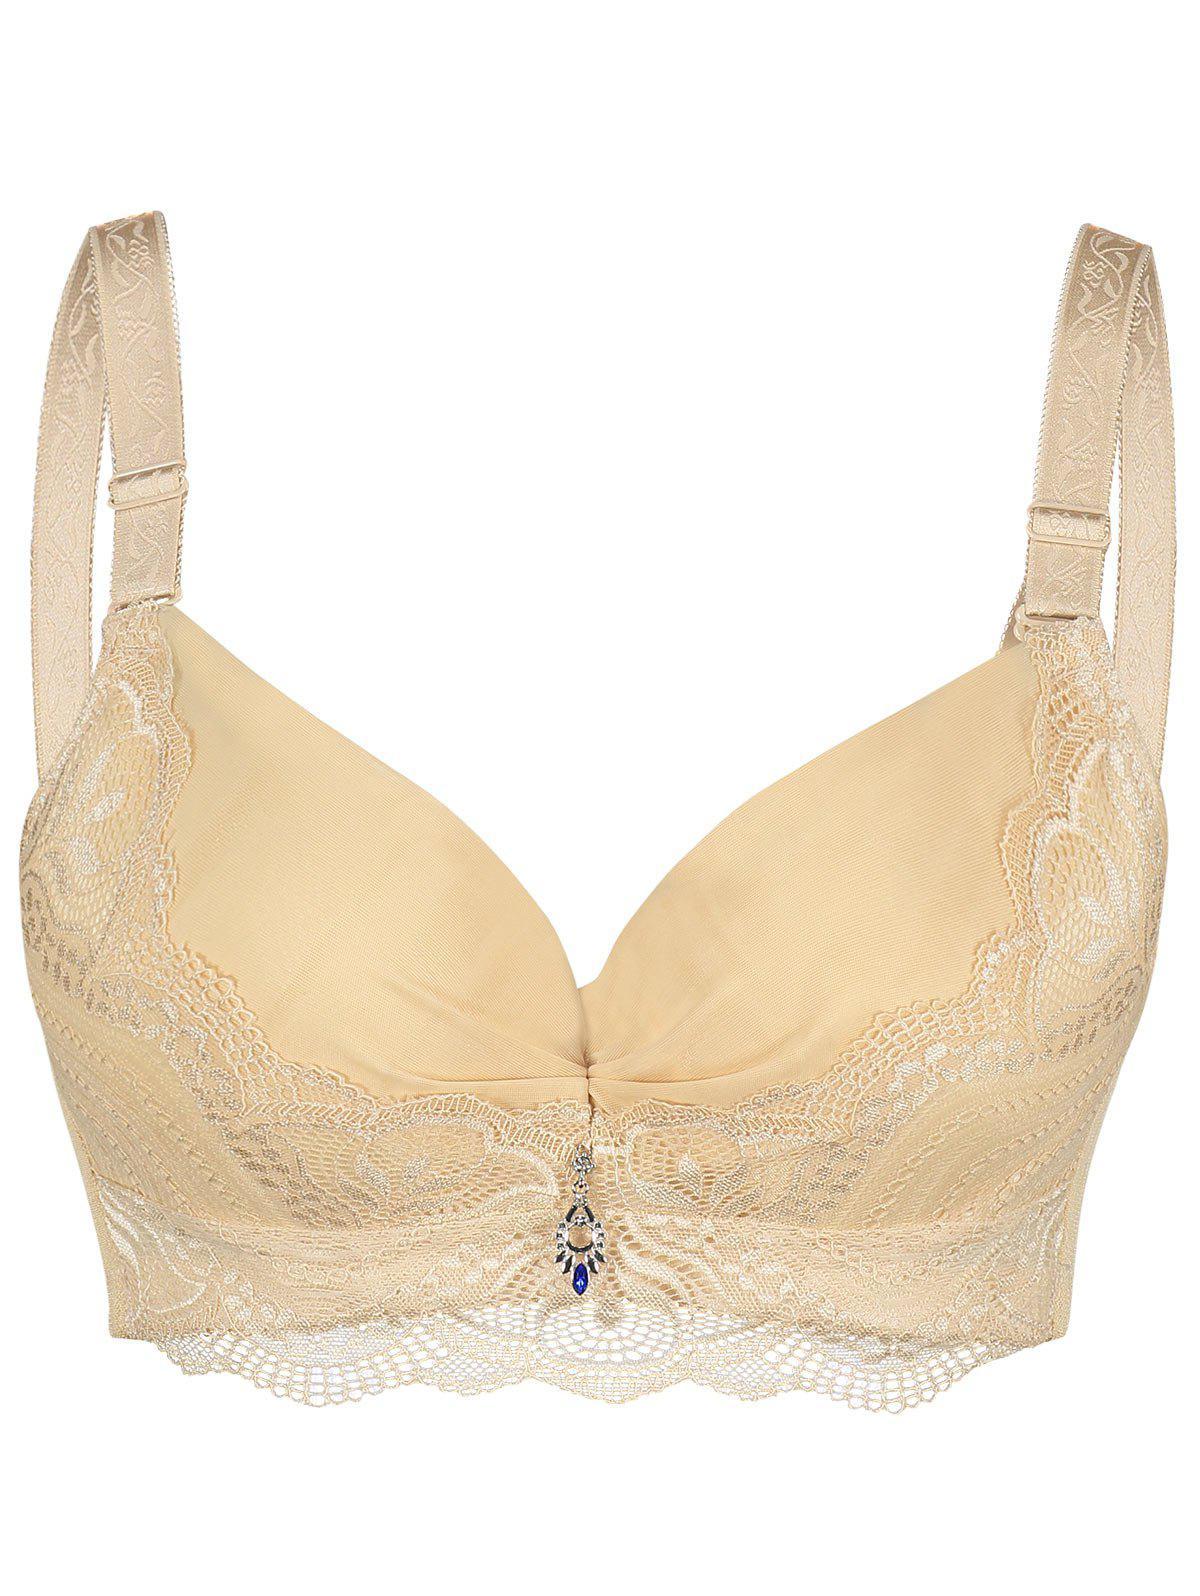 Padded Underwire Lace Trim Plus Size Bra 224670814